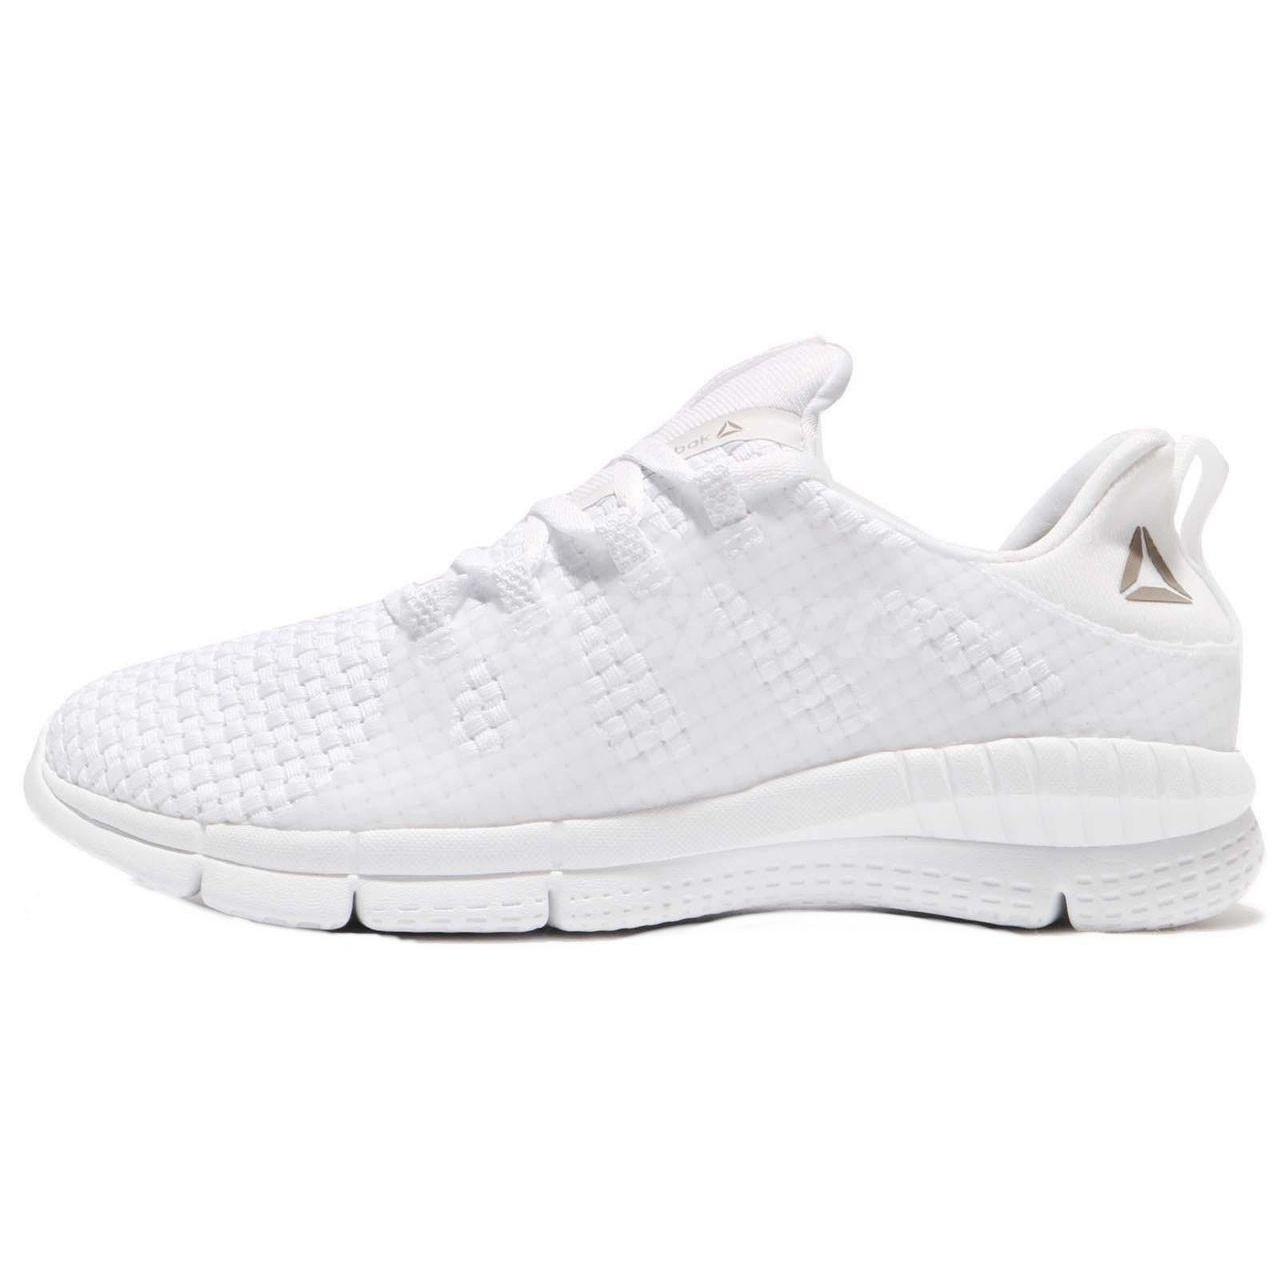 کفش مخصوص دویدن زنانه ریباک مدل ZPrint Her کد bs5412